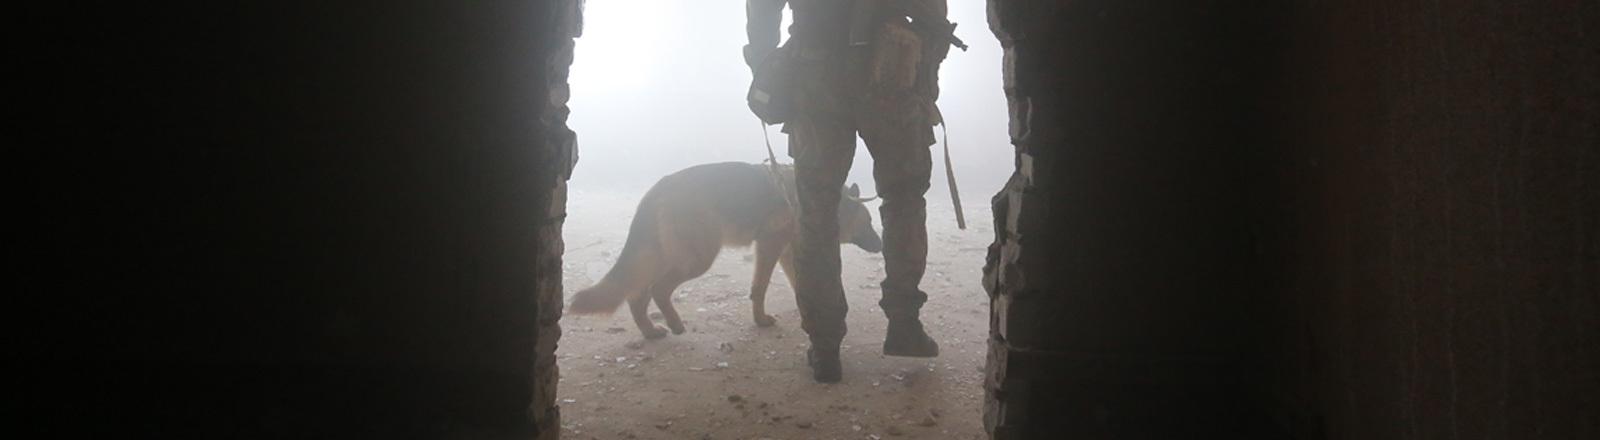 Ein russischer Soldat mit einem Wardog